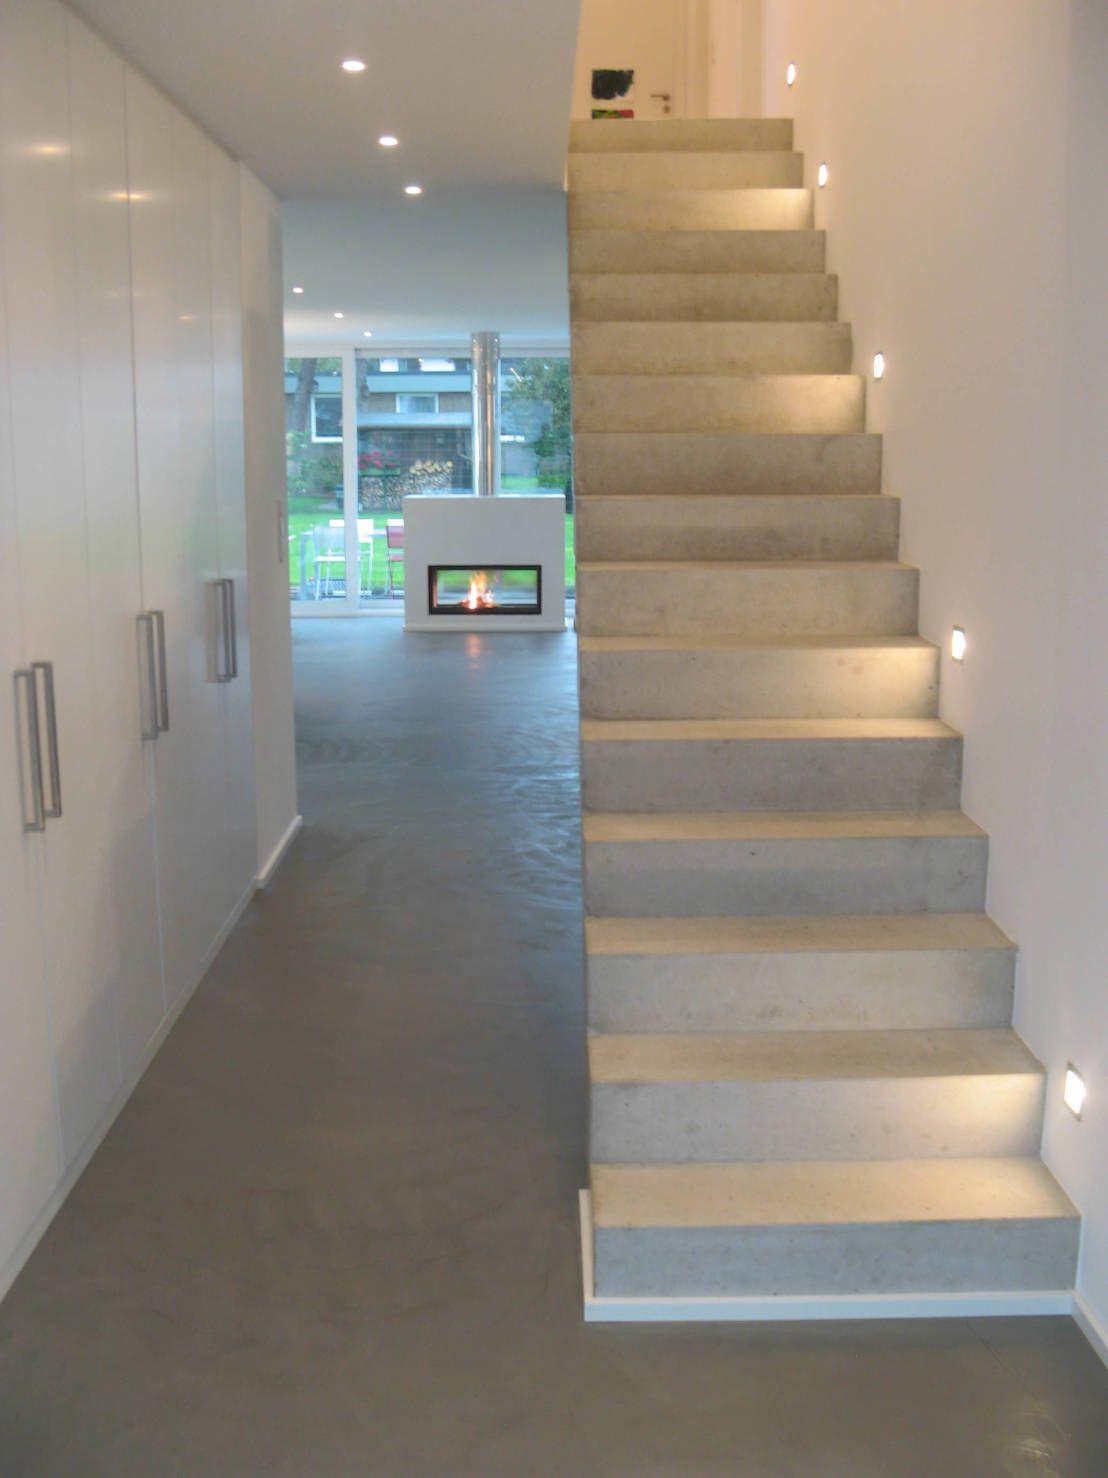 Home treppen design-ideen kleines haus mit ganz viel platz  architecture interiors and house